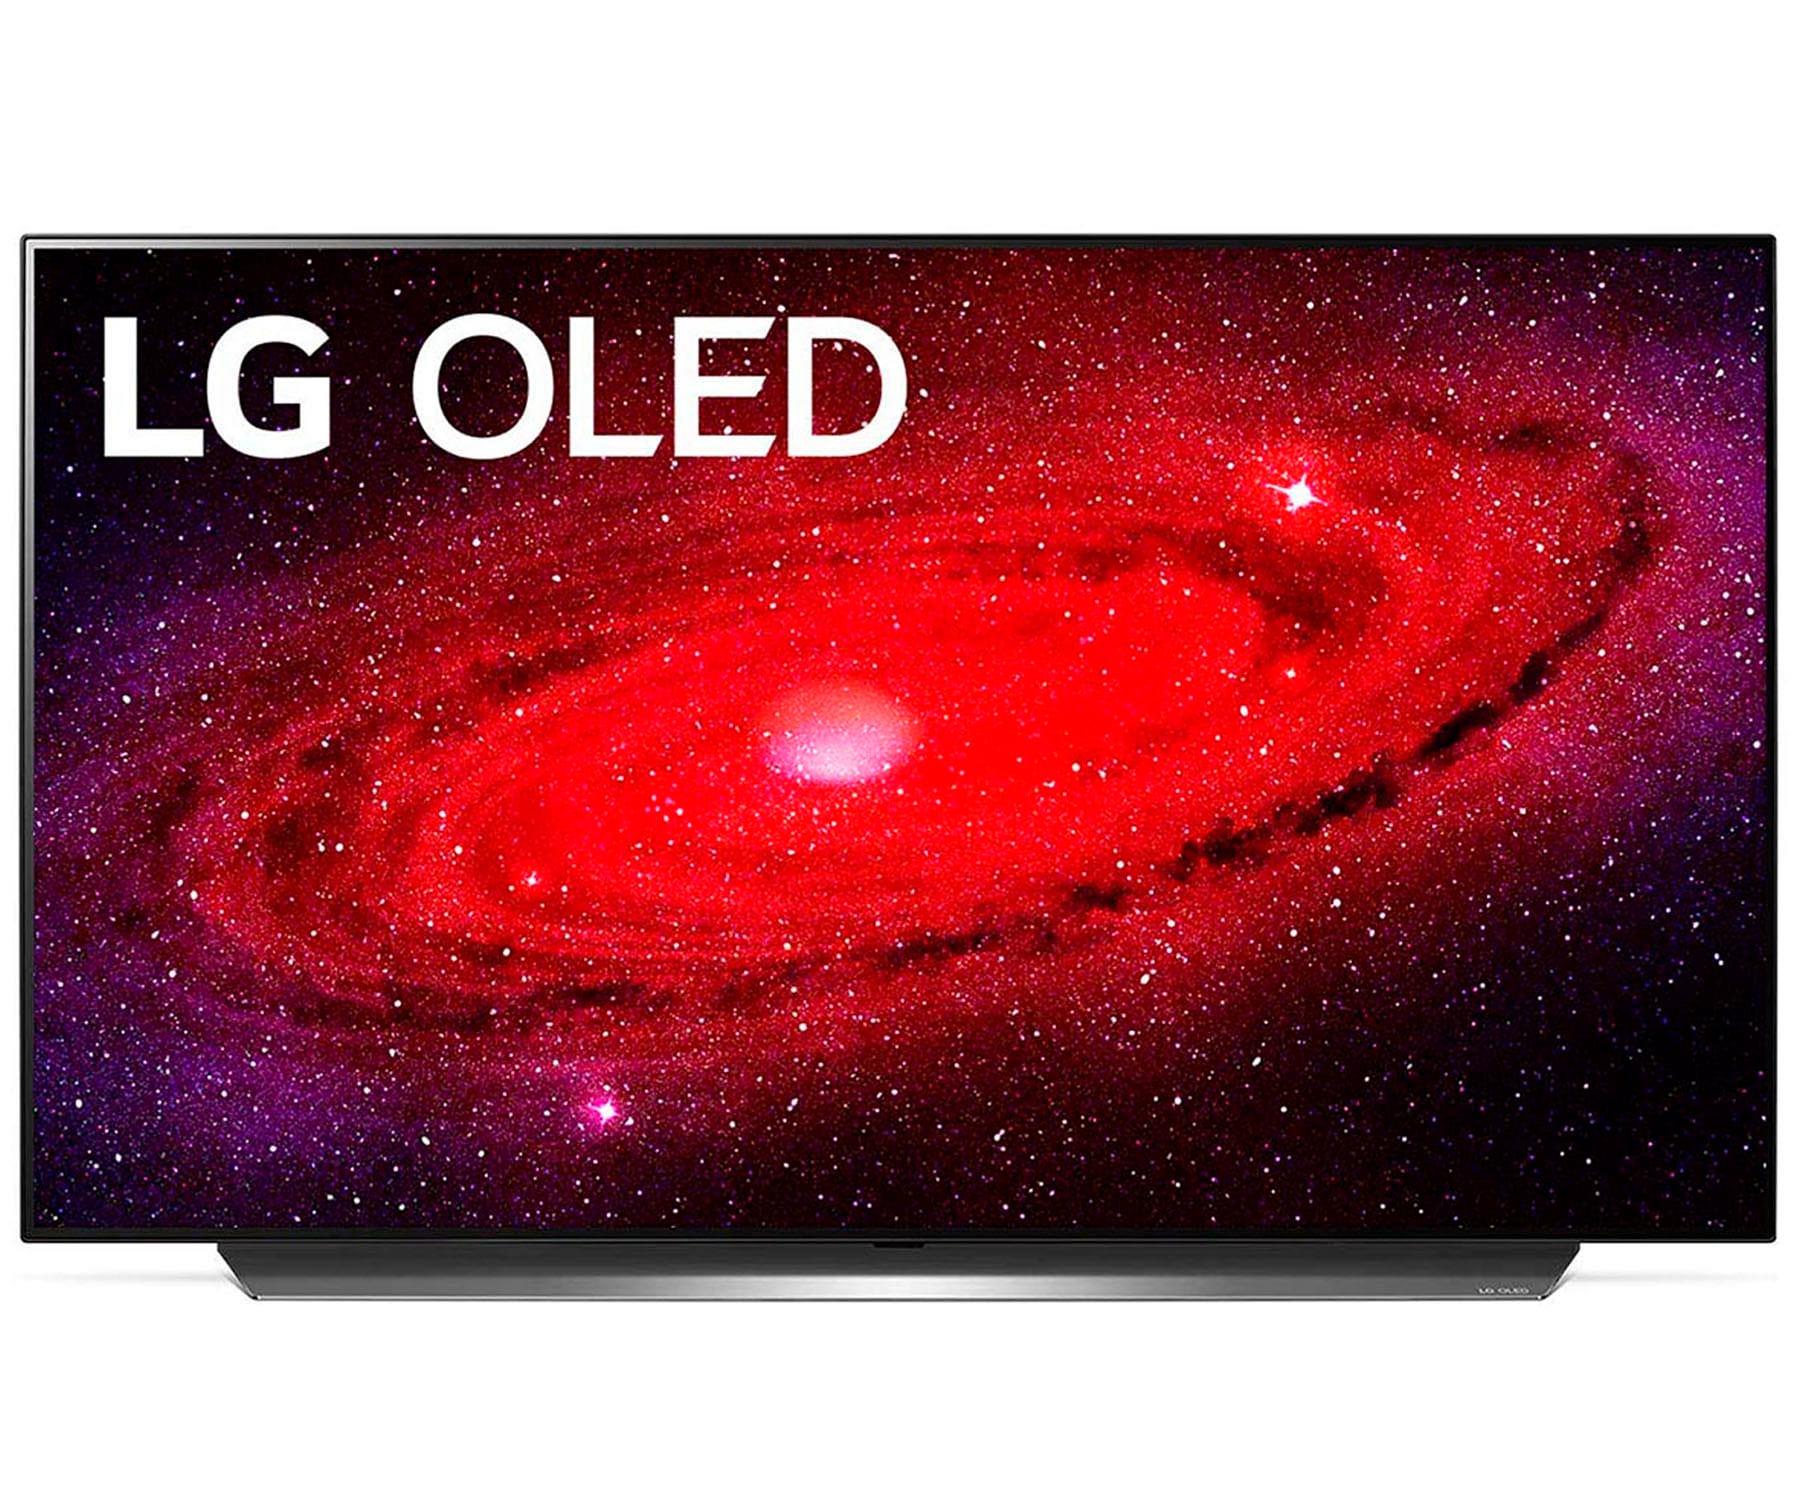 LG 48CX6LB TELEVISOR 48'' OLED UHD 4K HDR THINQ SMART TV IA WEBOS 5.0 WIFI BLUETOOTH SONIDO DOLBY ATMOS